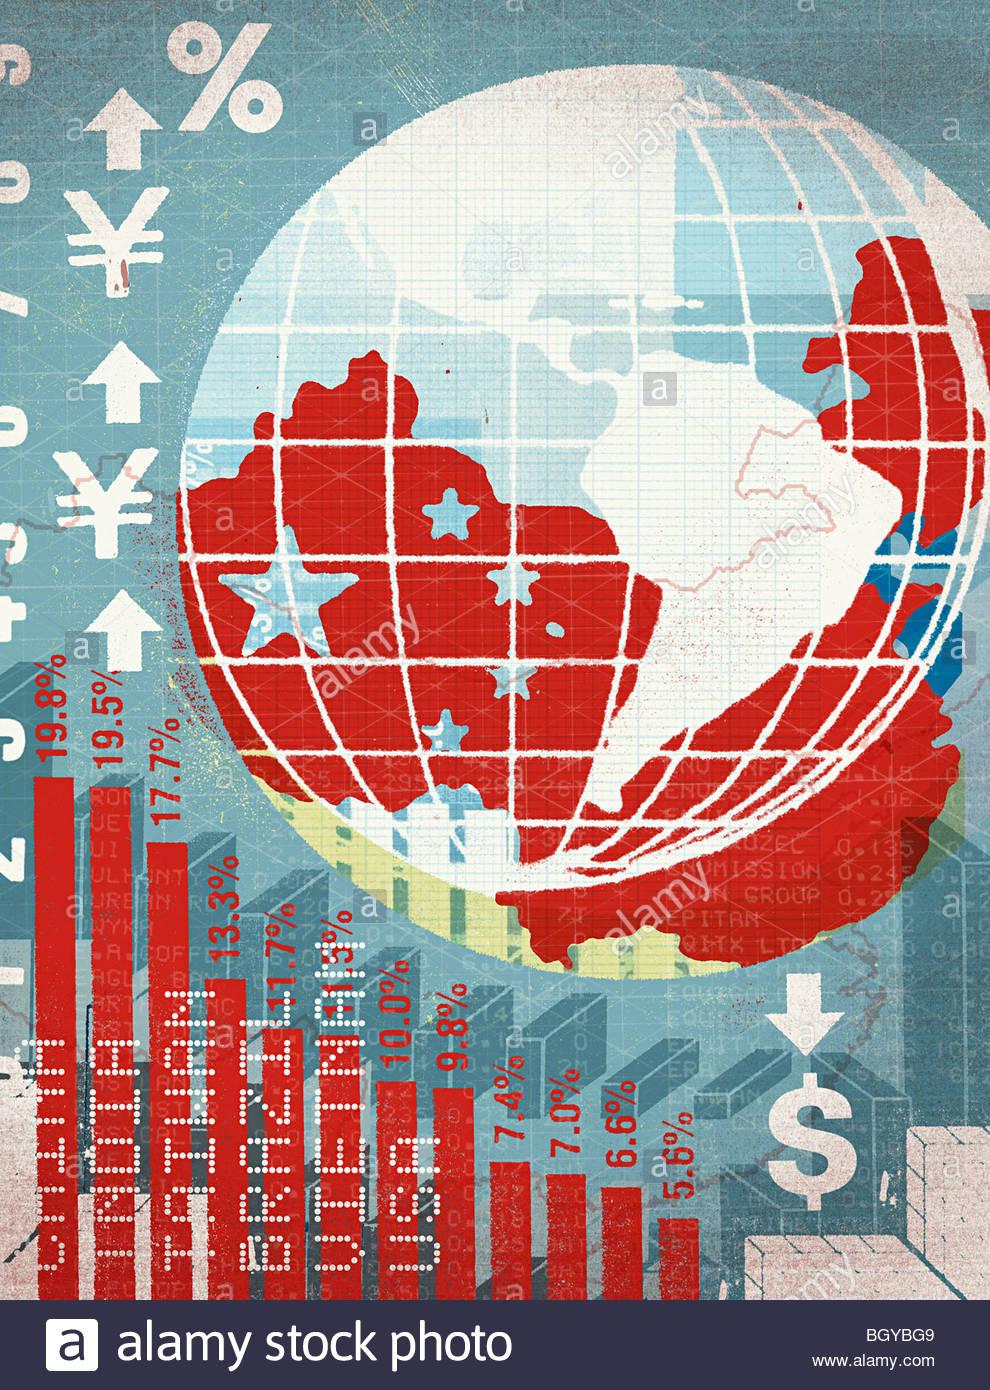 Globus und internationale, finanzielle Diagramm Stockbild